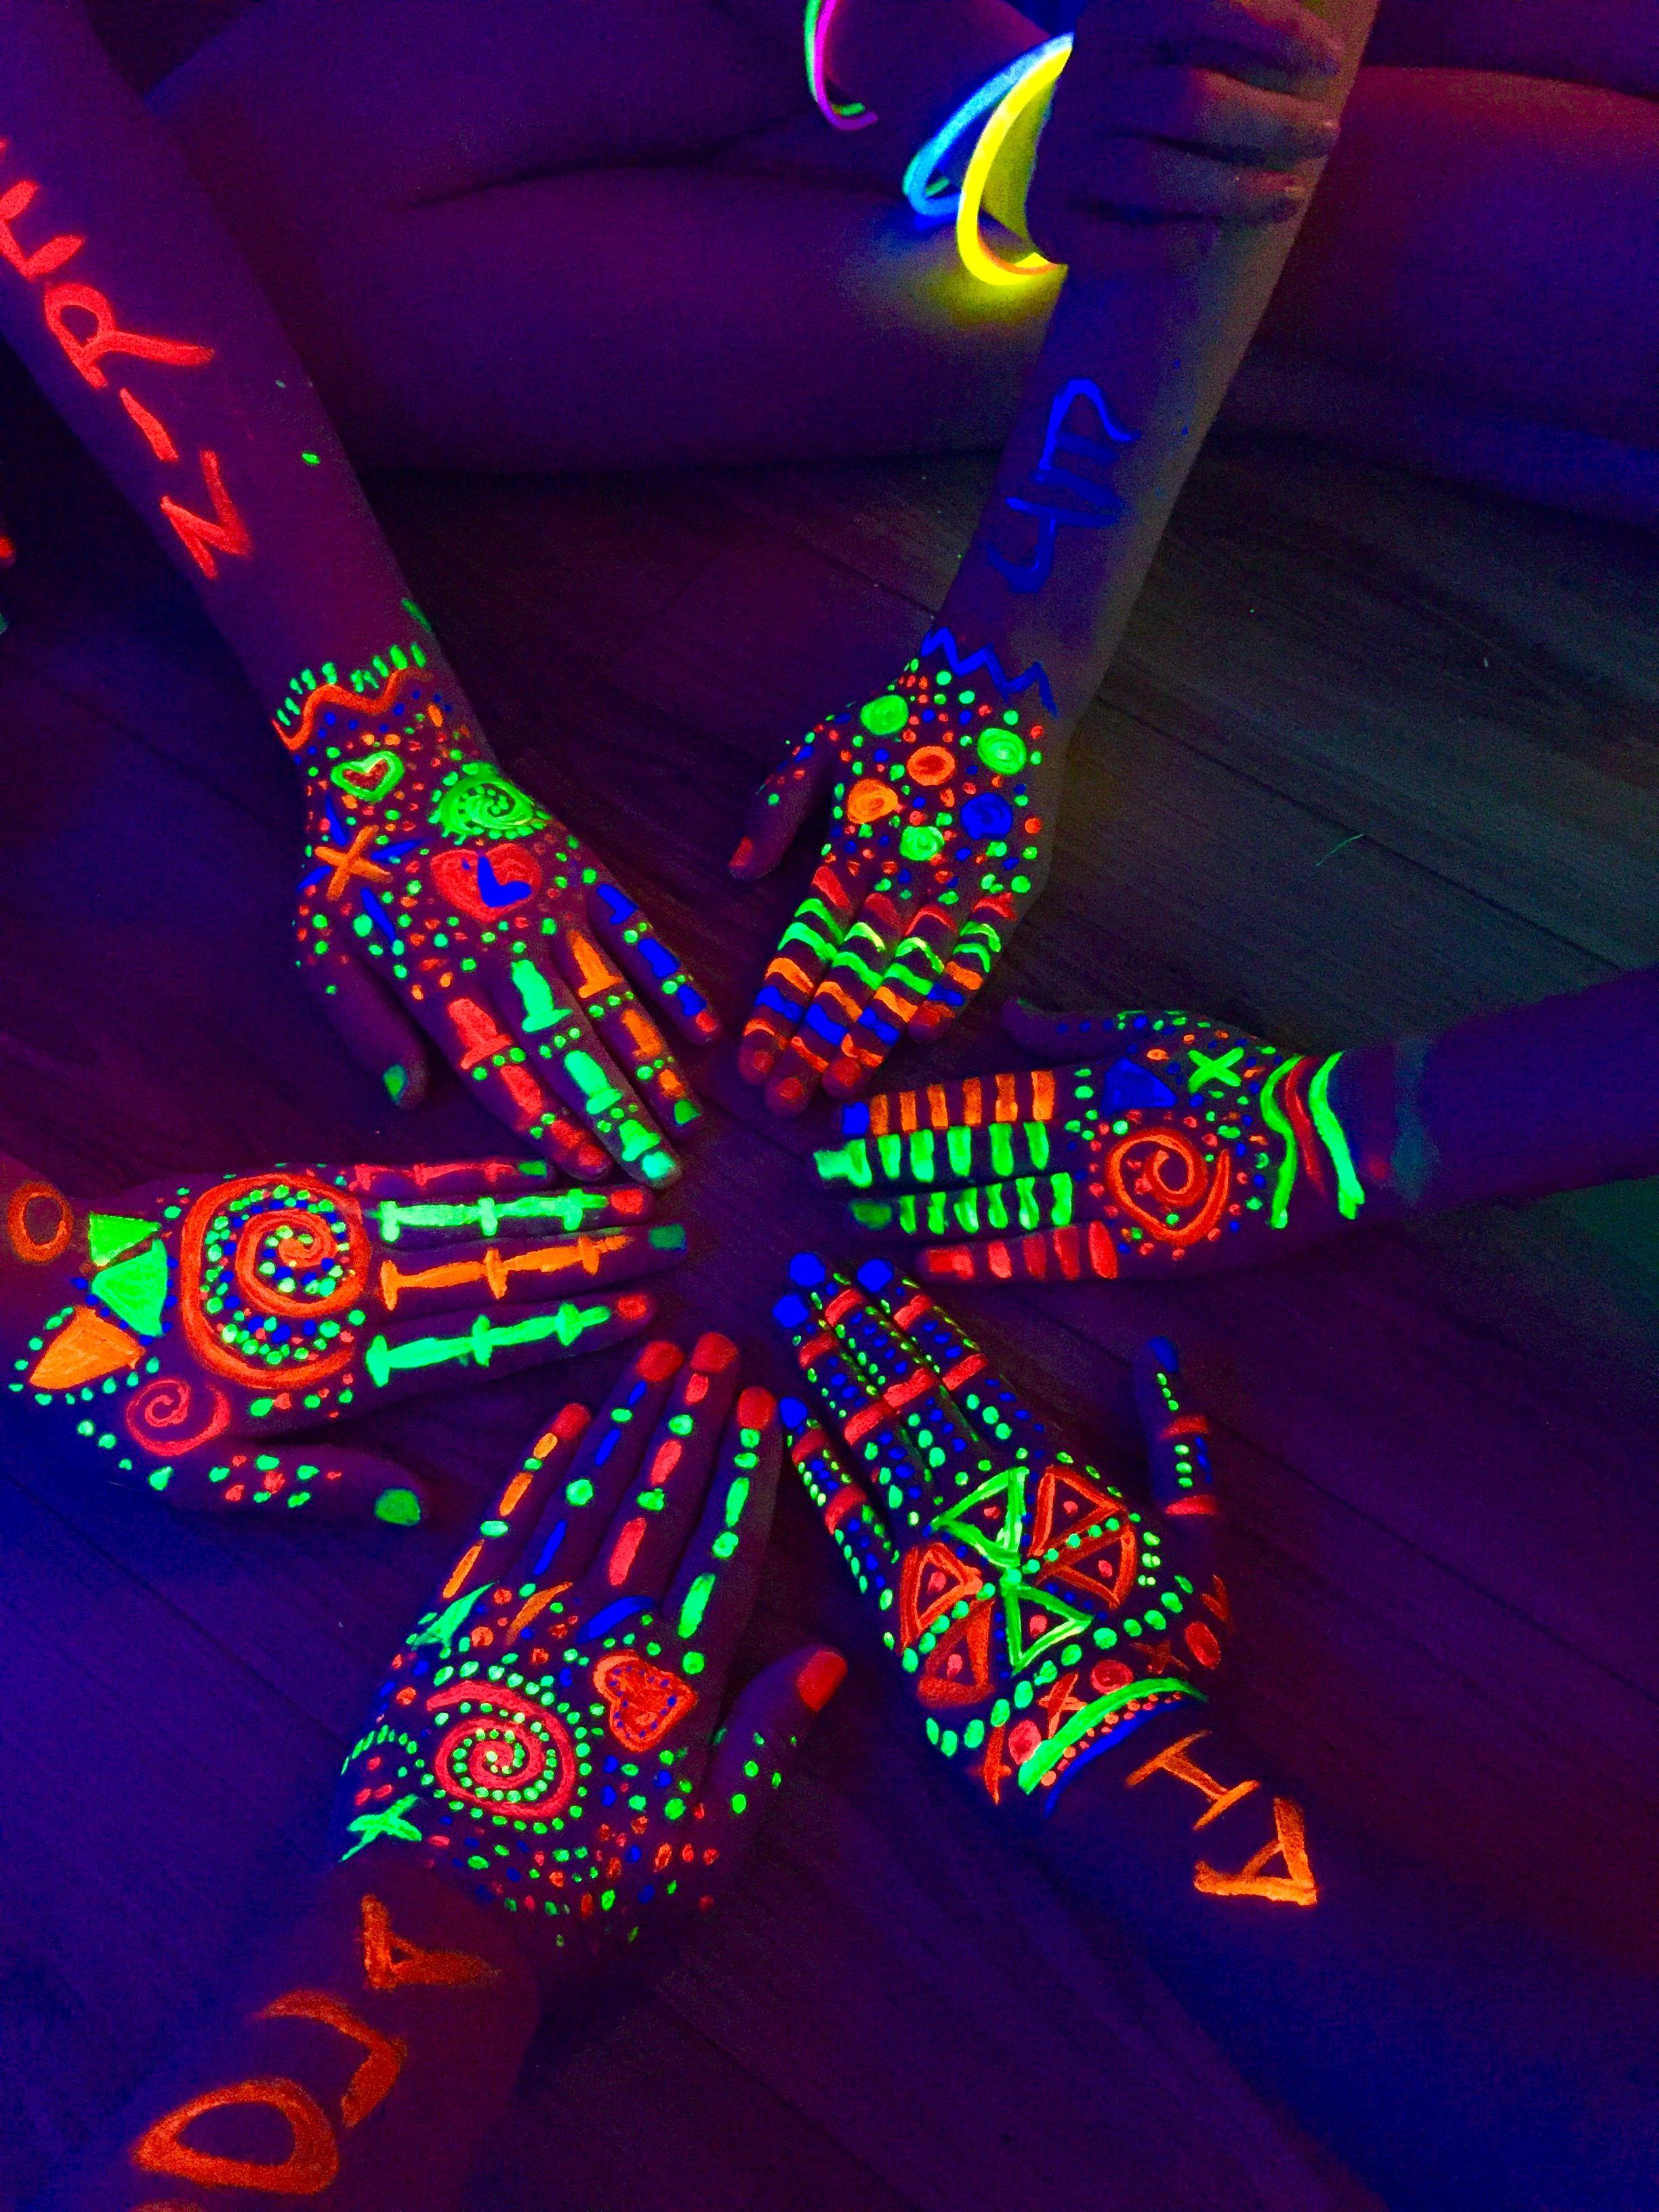 Uv neon party  cd879e3d60b